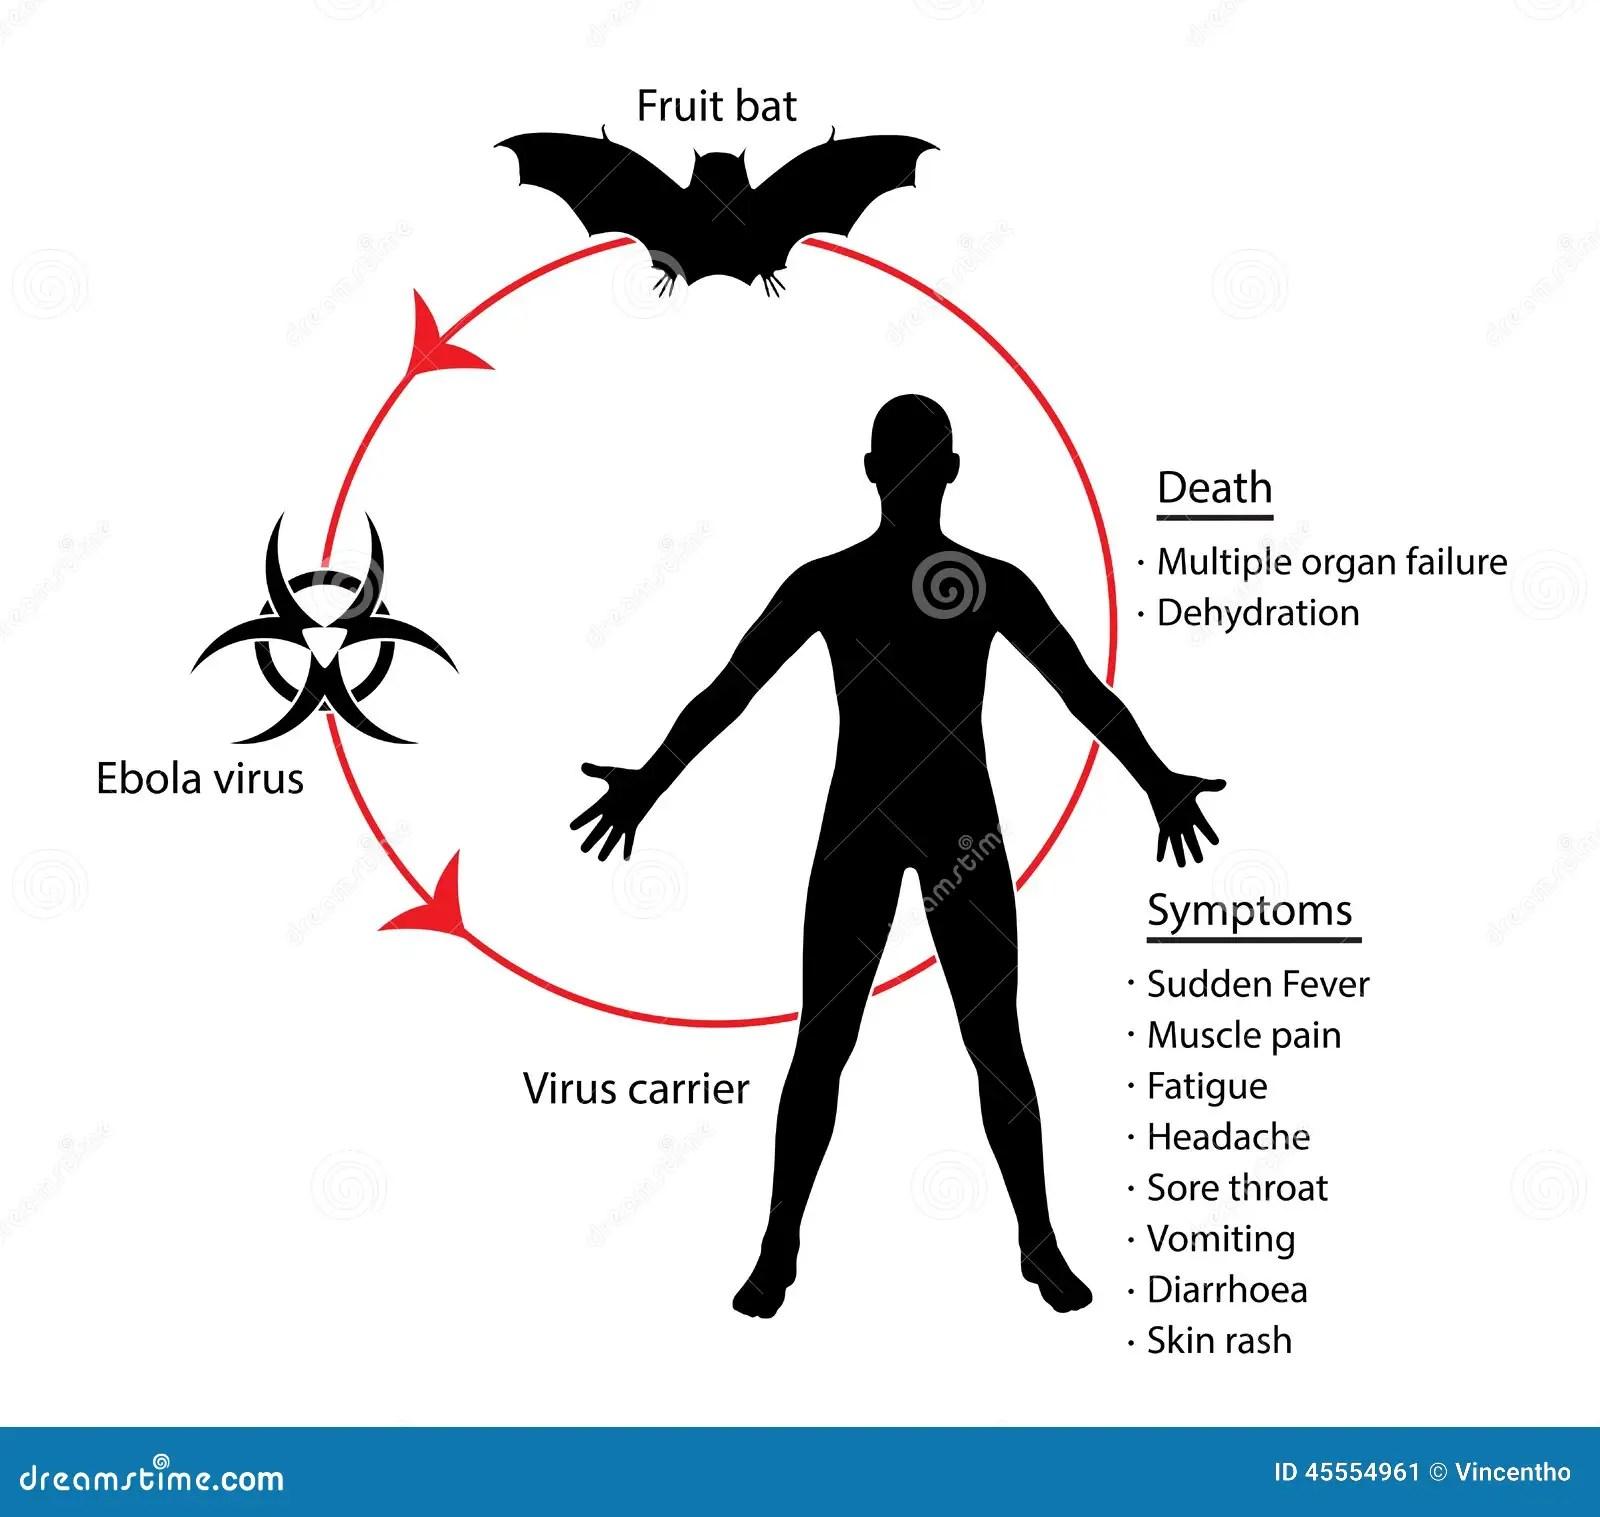 Ebola Basics Diagram Education Knowledge Illustration